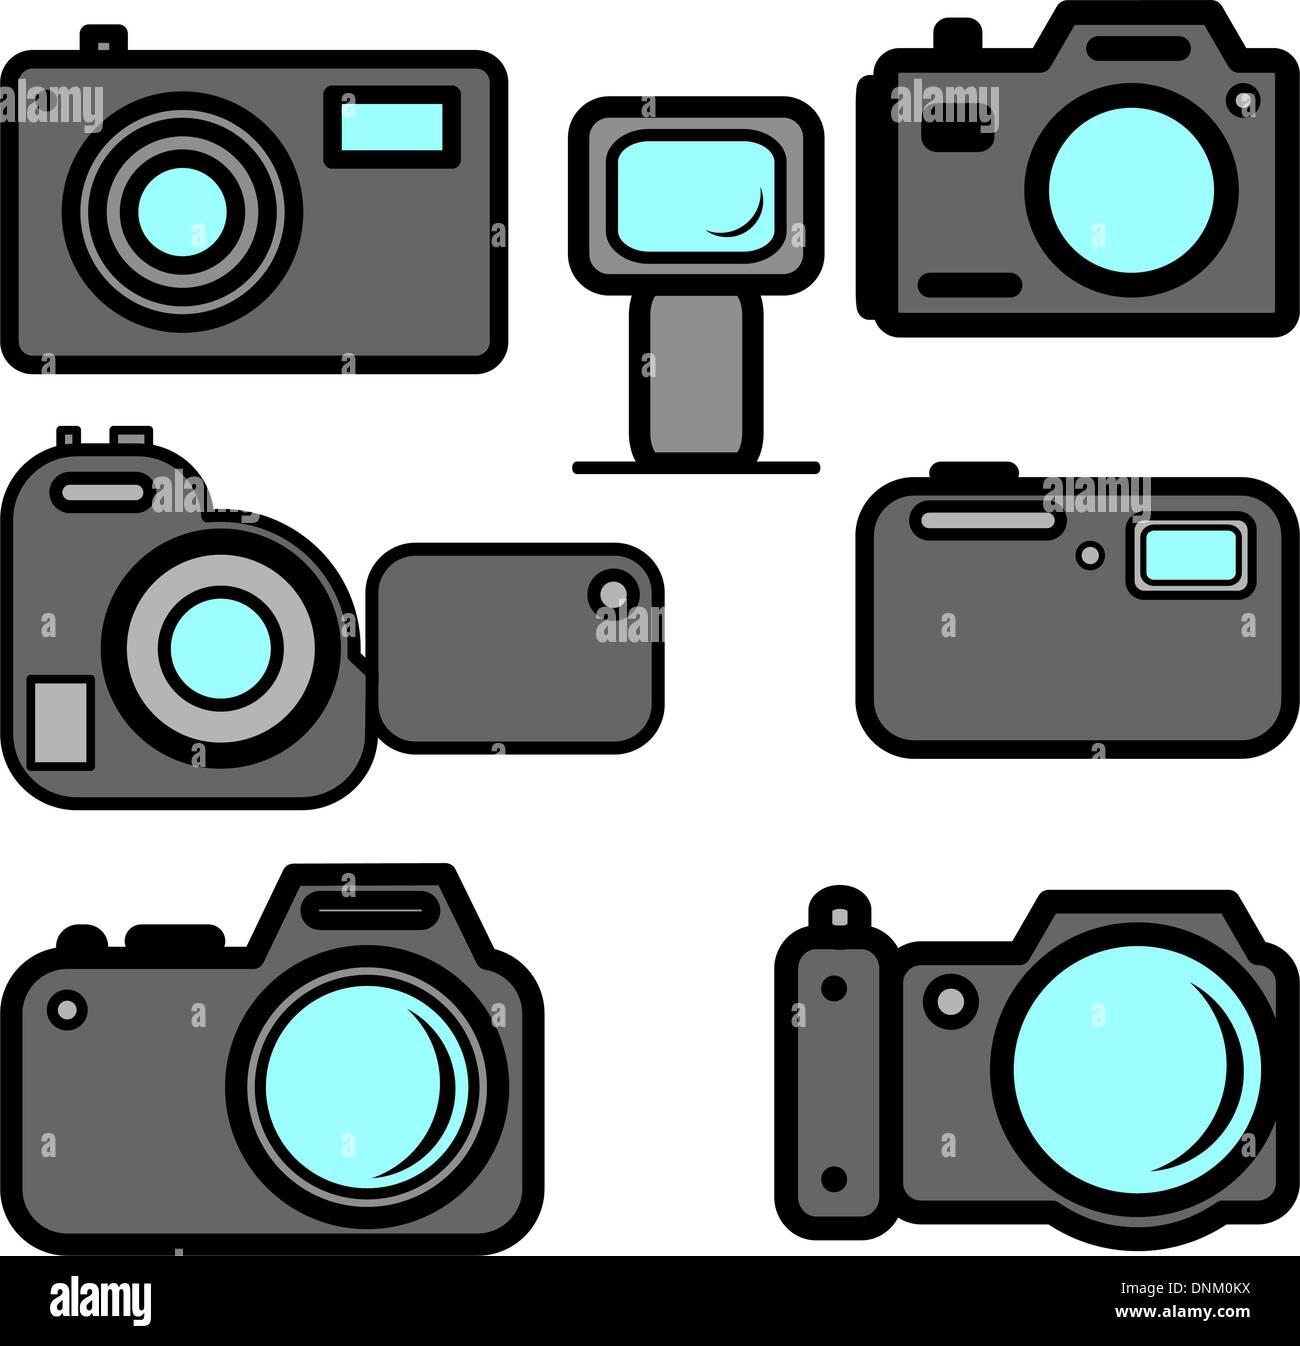 A set of digital cameras - Stock Image